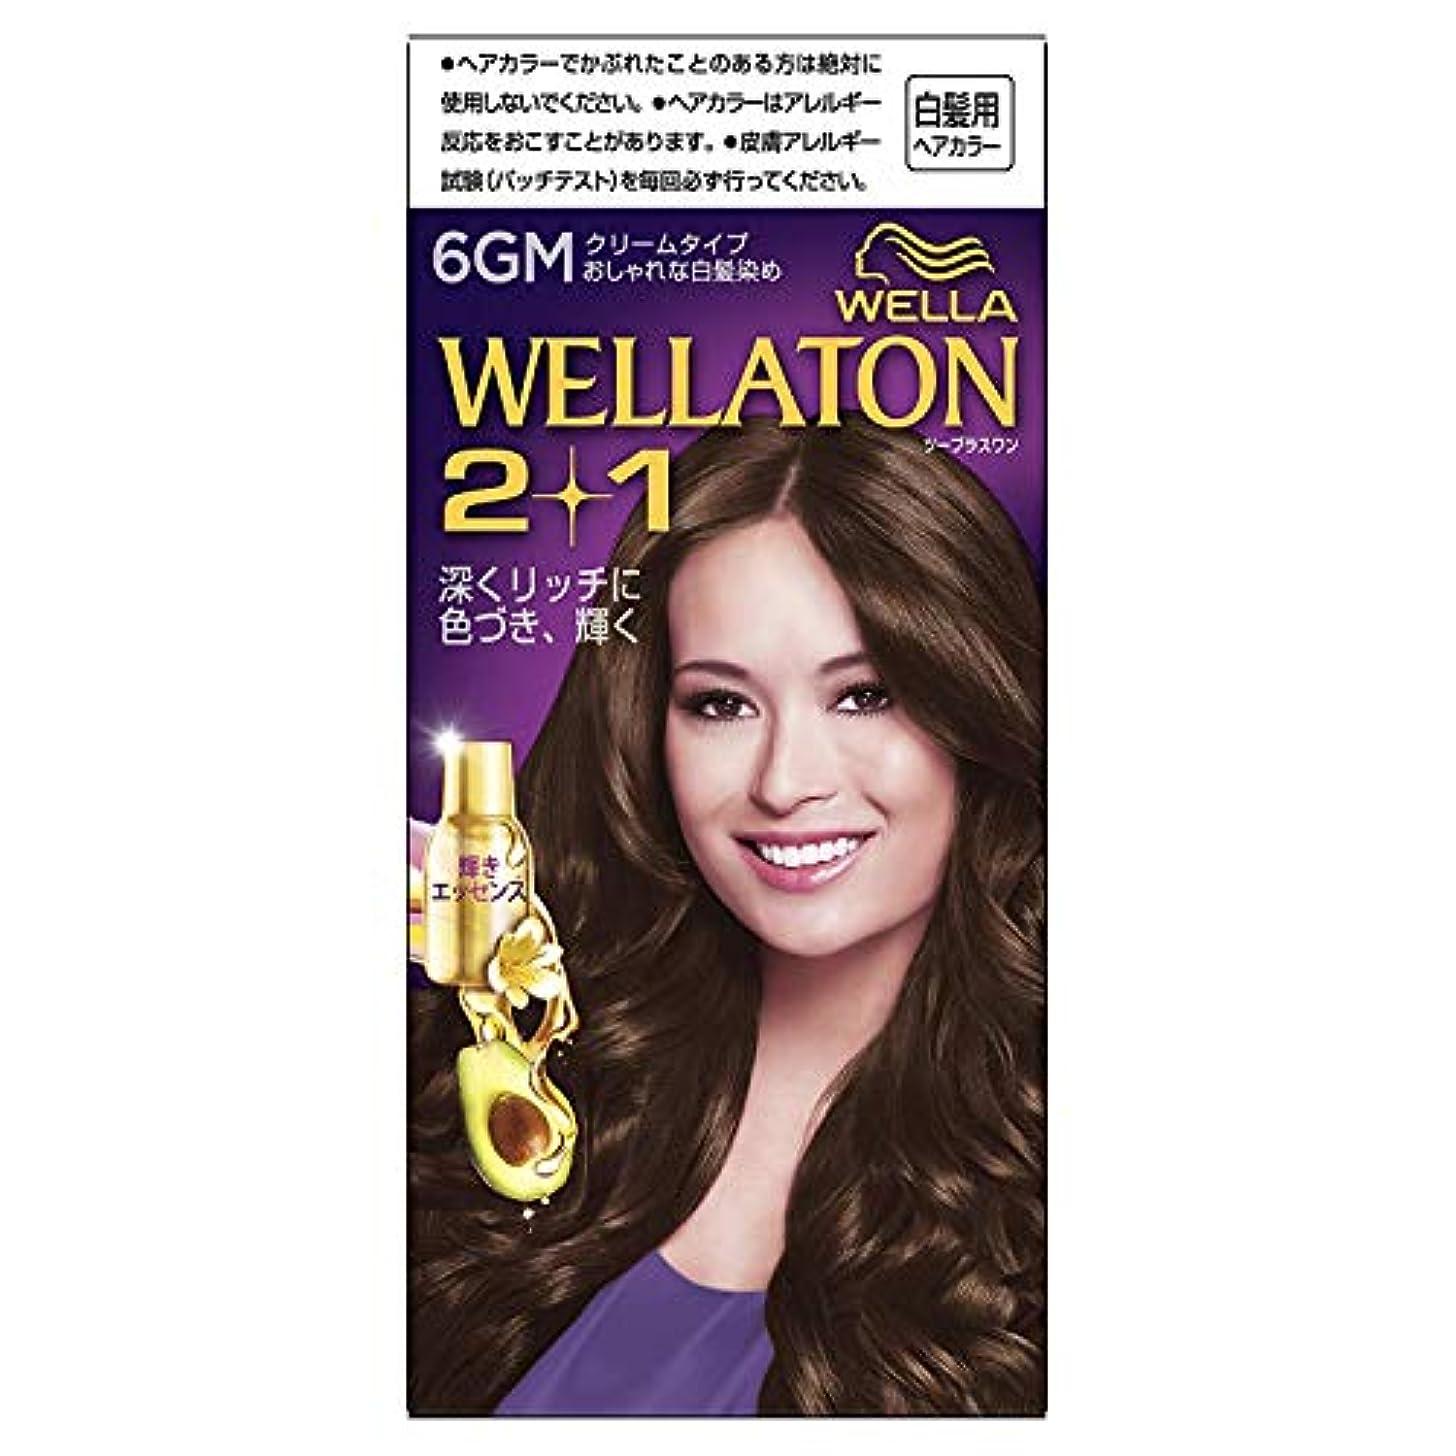 ウエラトーン2+1 クリームタイプ 6GM [医薬部外品]×6個